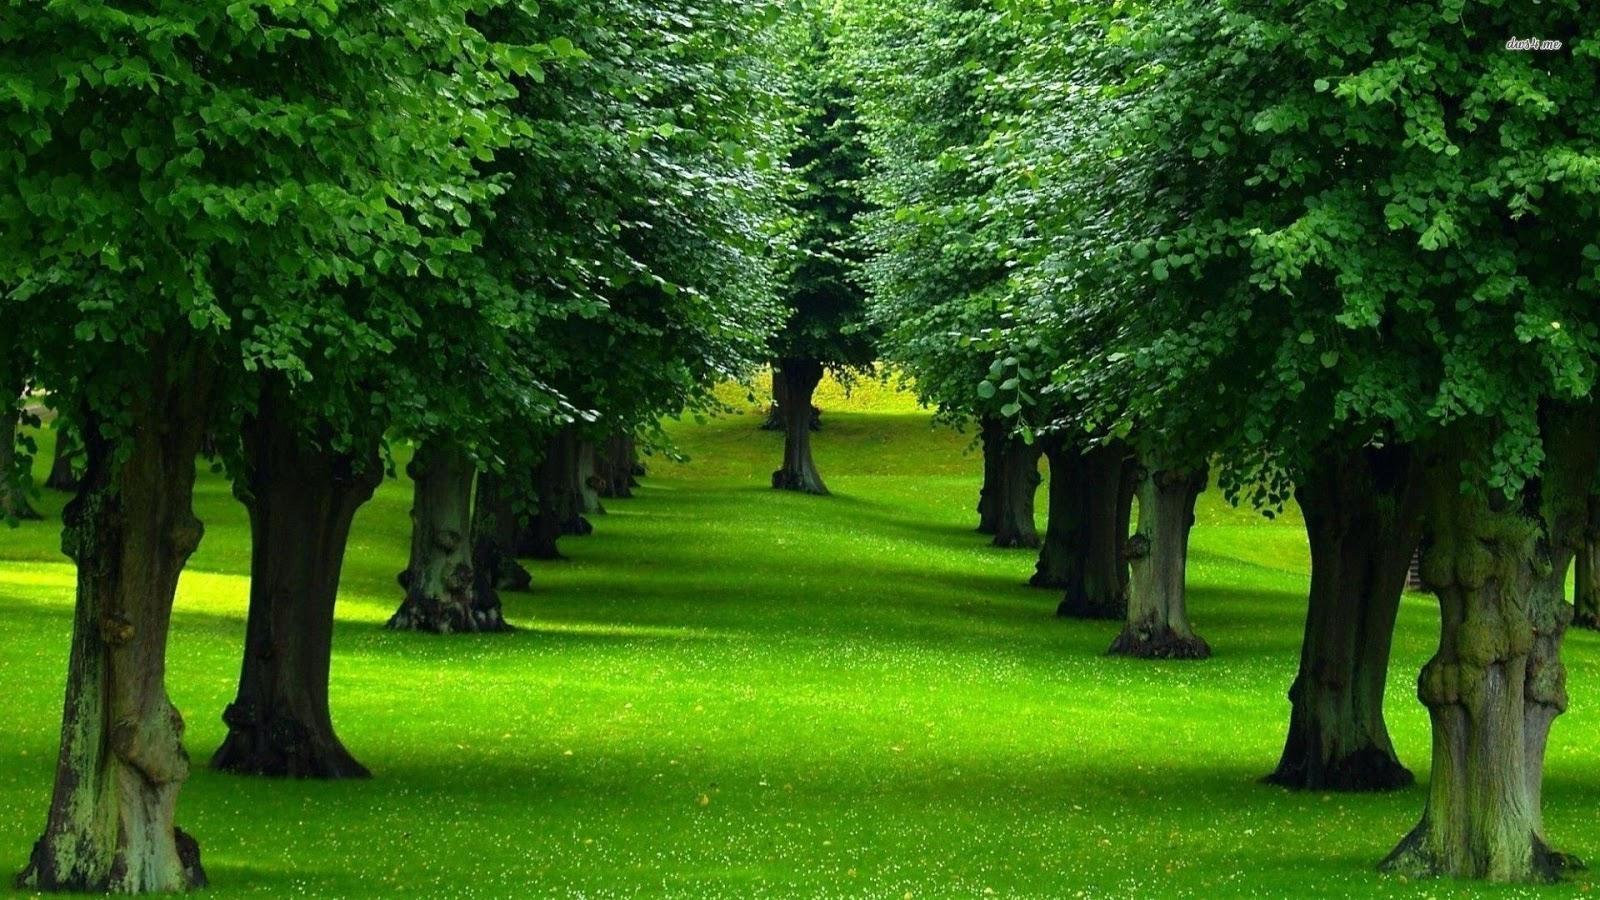 اجمل صور الطبيعة الخلابة 36